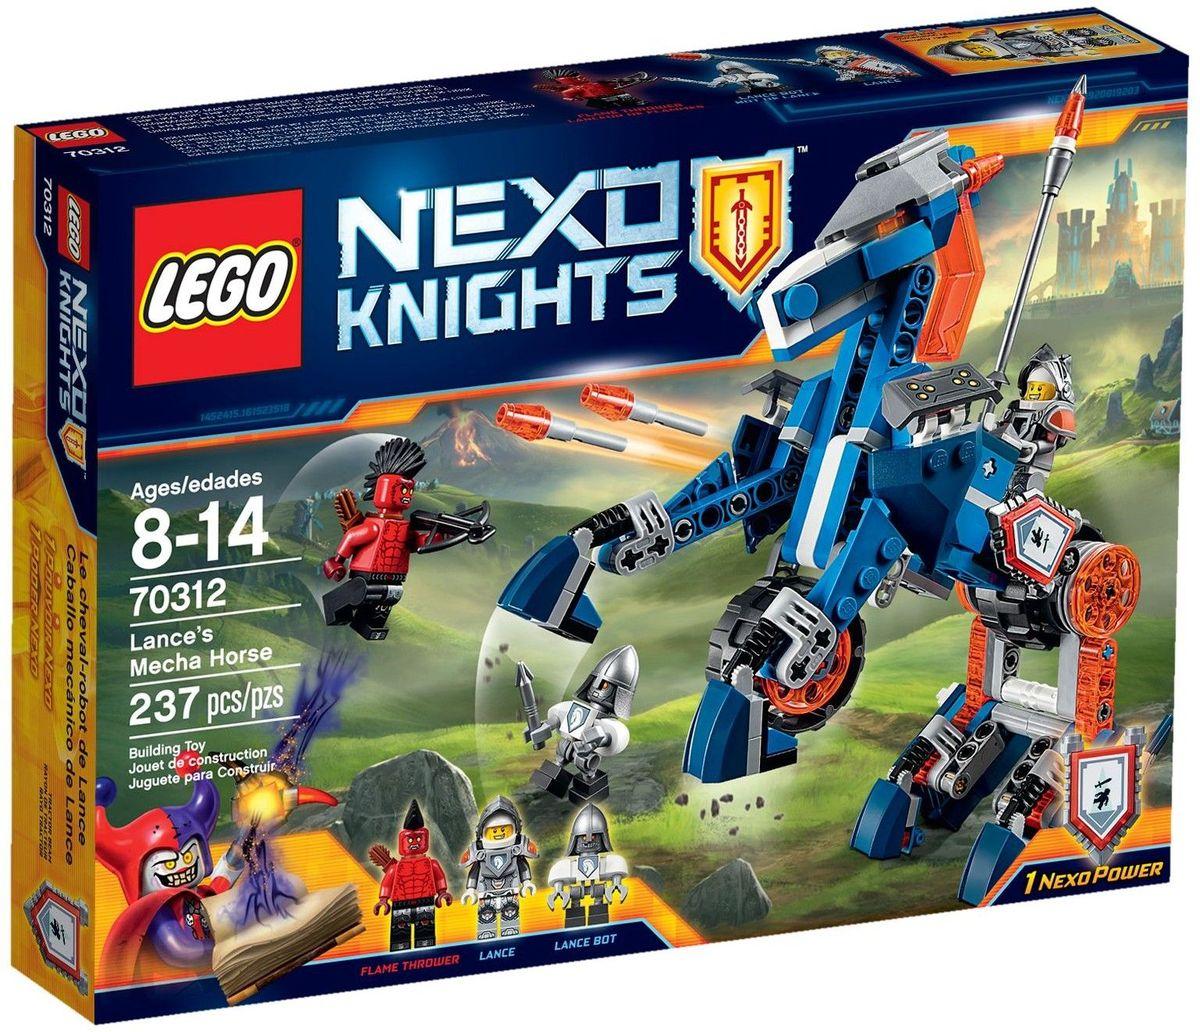 LEGO NEXO KNIGHTS Конструктор Ланс и его механический конь 7031270312Оседлайте и отправьте в бой механического коня Ланса 2 в 1! Сразитесь со зловещим Огнеметателем в виде коня или используйте возможность перестроить коня в суперскоростной автомобиль. Помогите Nexo рыцарю Лансу победить врага при помощи реактивных ракет или отправьте в гущу событий испытанного временем бота Ланса, а потом можете взять себе его славу! В набор входит щит для сканирования с Nexo Силой - Притягивающий луч. Набор включает в себя 237 разноцветных пластиковых элементов. Конструктор станет замечательным сюрпризом вашему ребенку, который будет способствовать развитию мелкой моторики рук, внимательности, усидчивости и мышления. Играя с конструктором, ребенок научится собирать детали по образцу, проводить время с пользой и удовольствием.